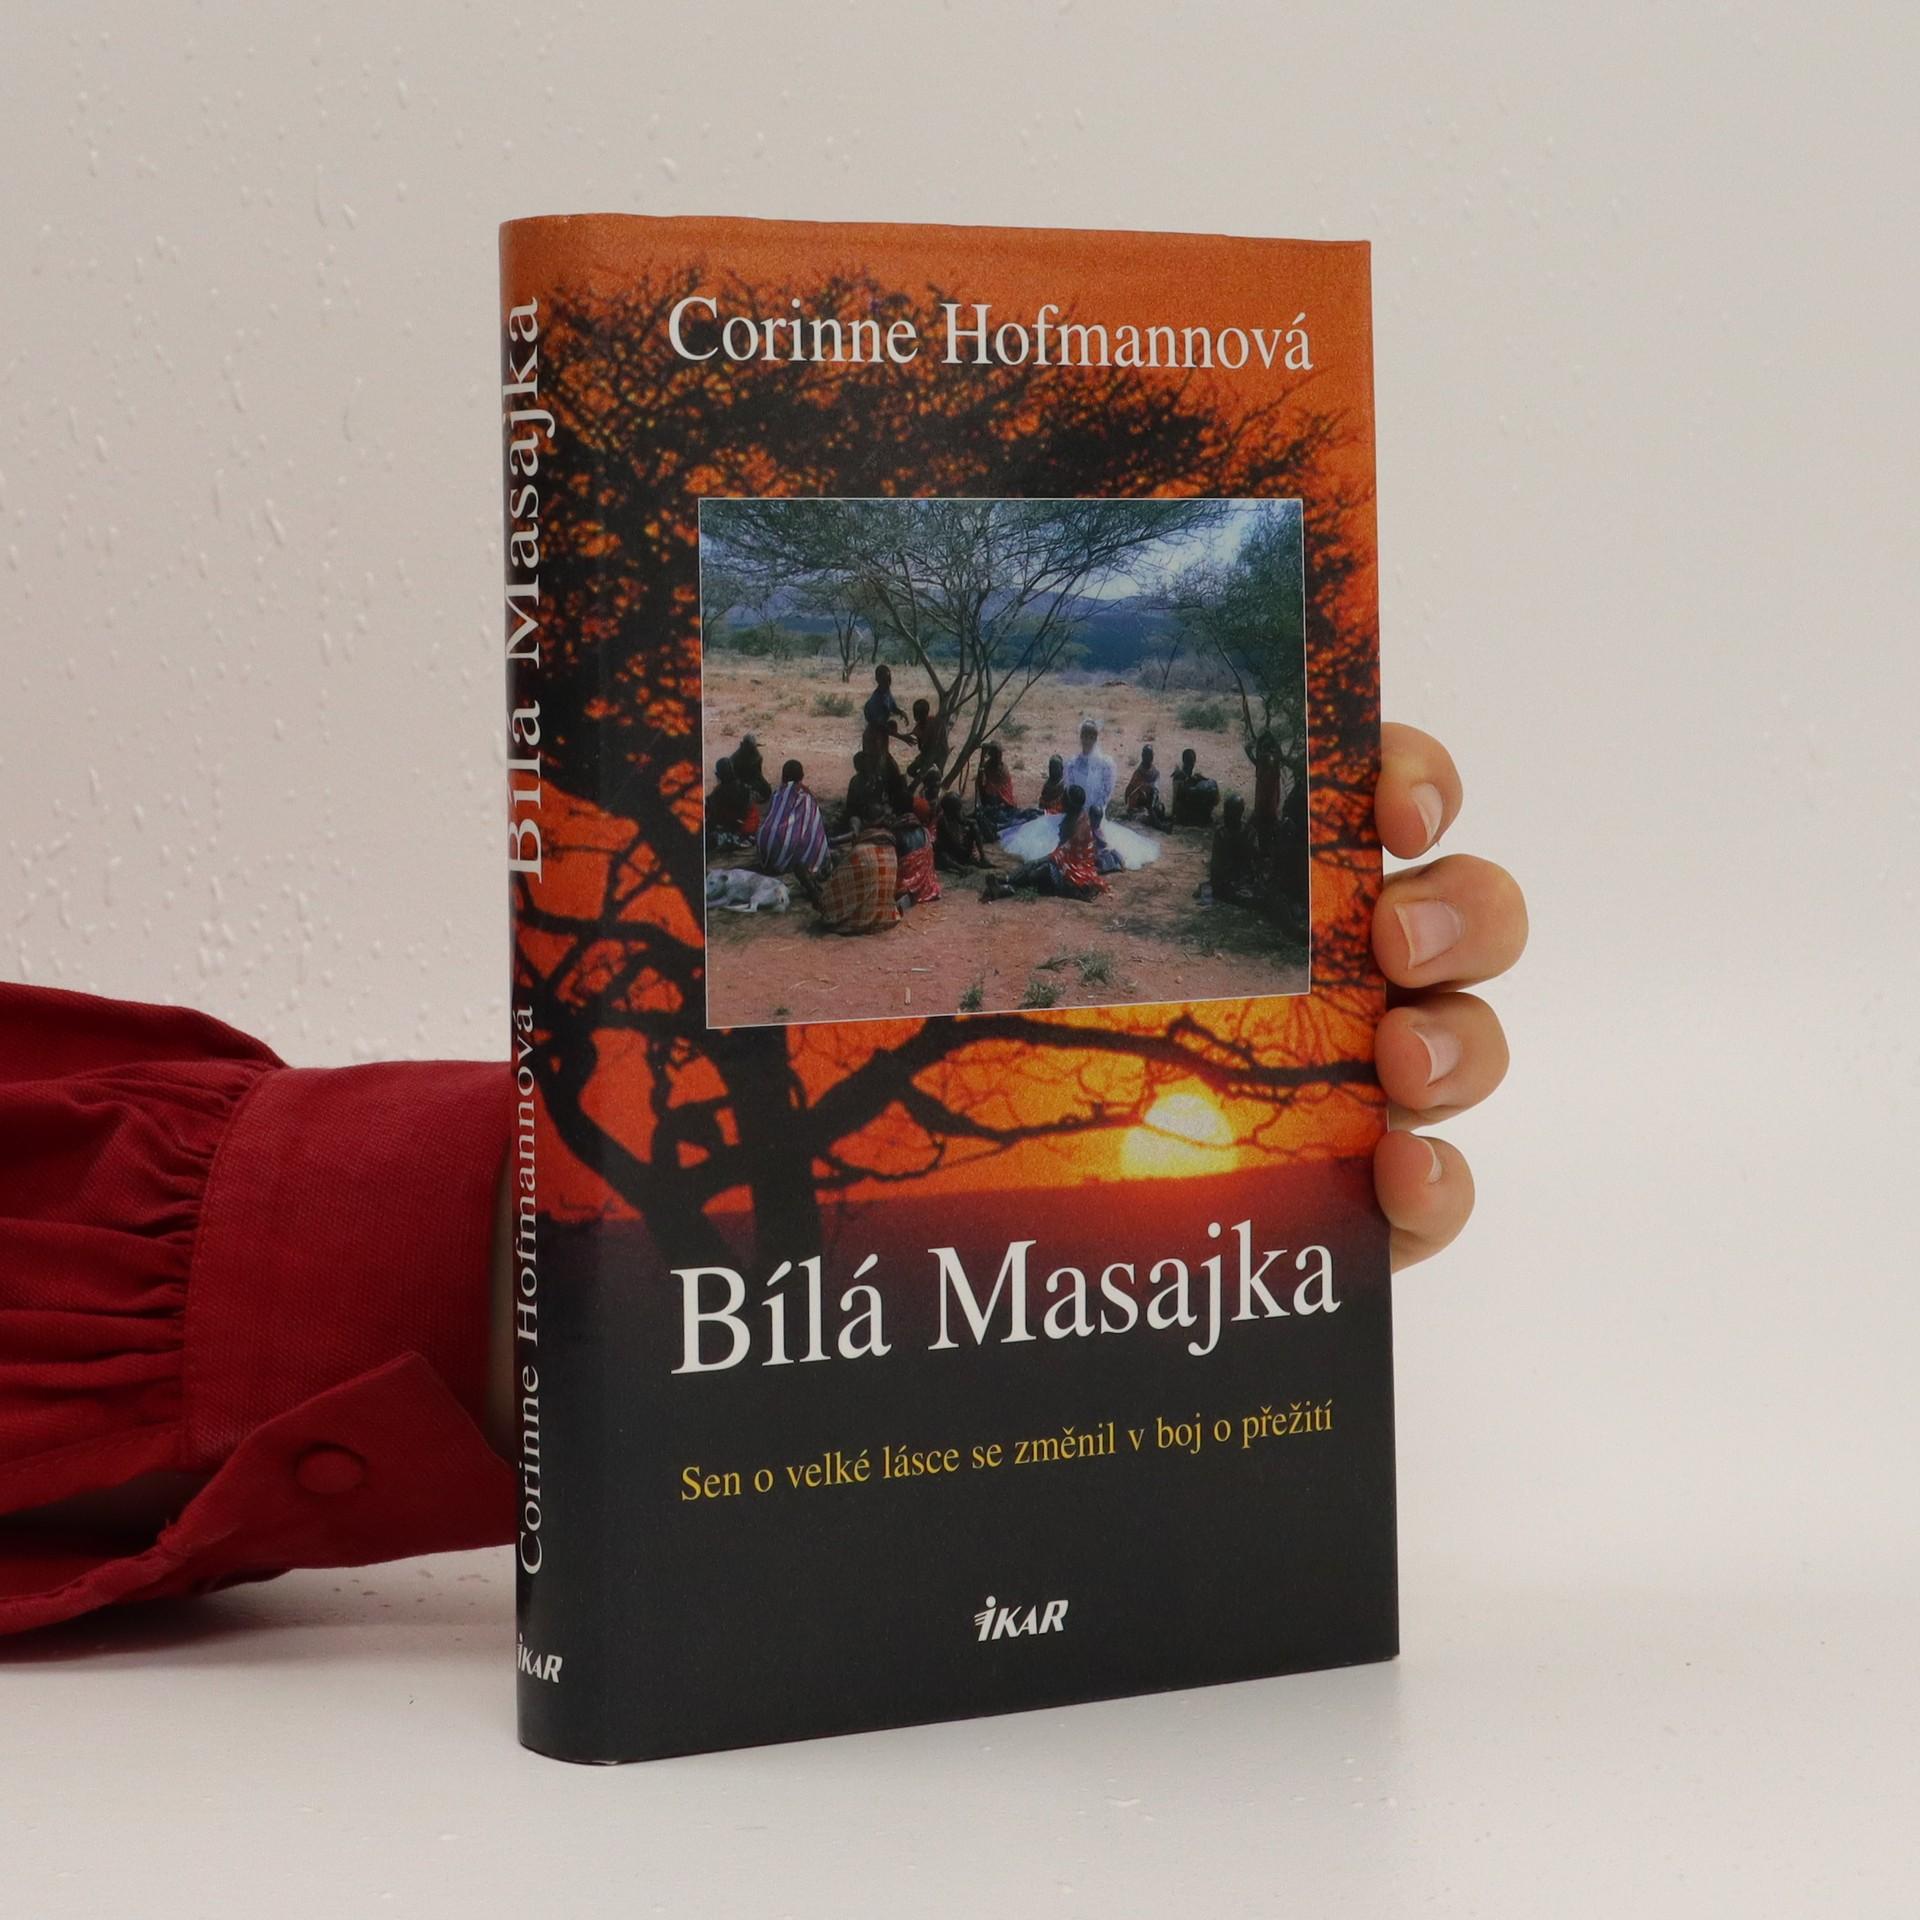 antikvární kniha Bílá Masajka, 2008